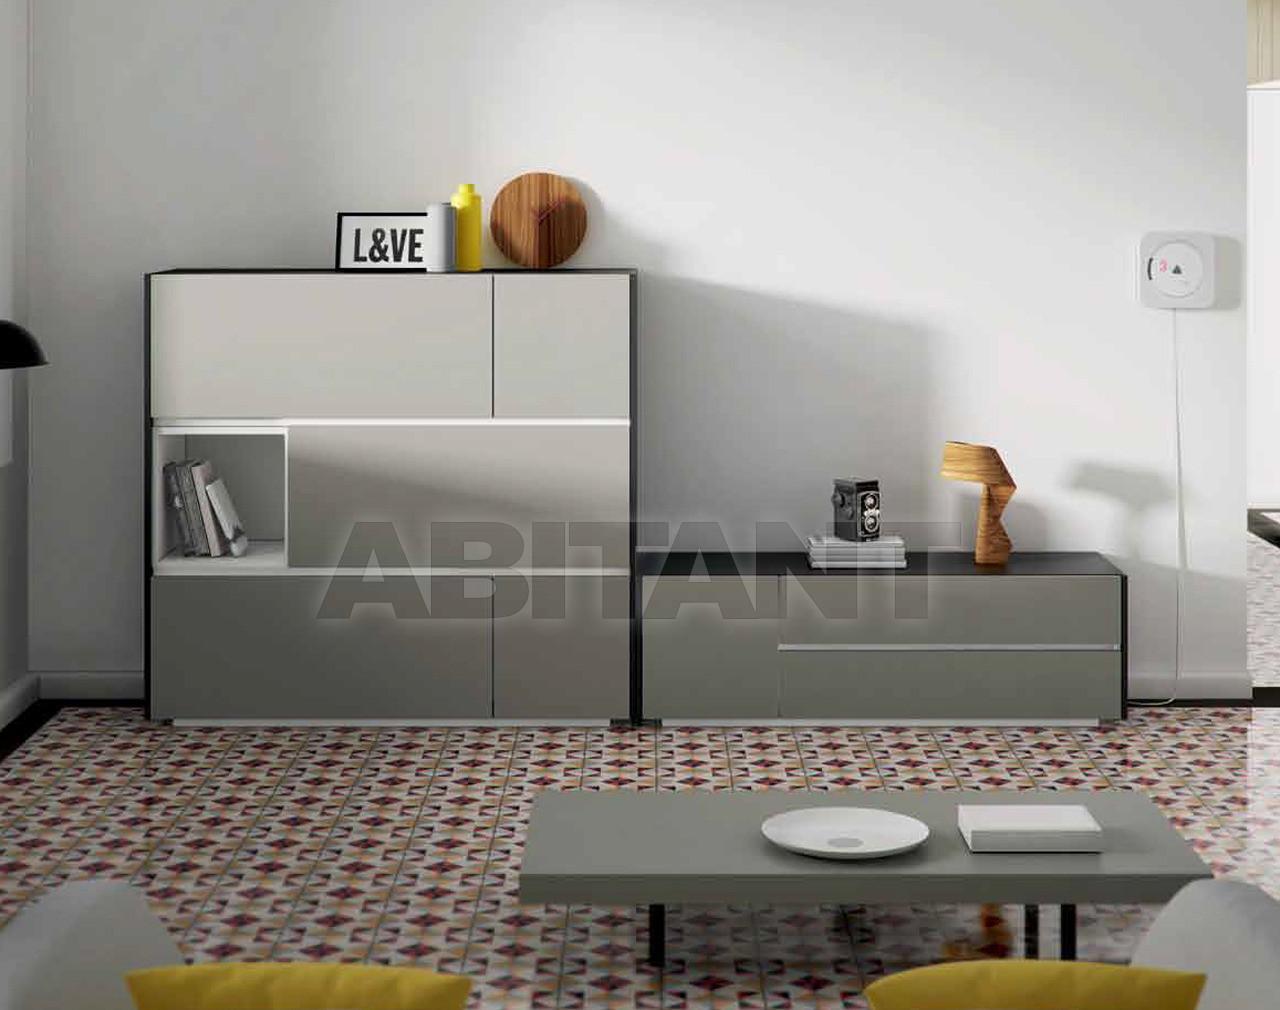 Купить Модульная система Arlex Design S.L. Freestyle COMPOSITION page 26-27